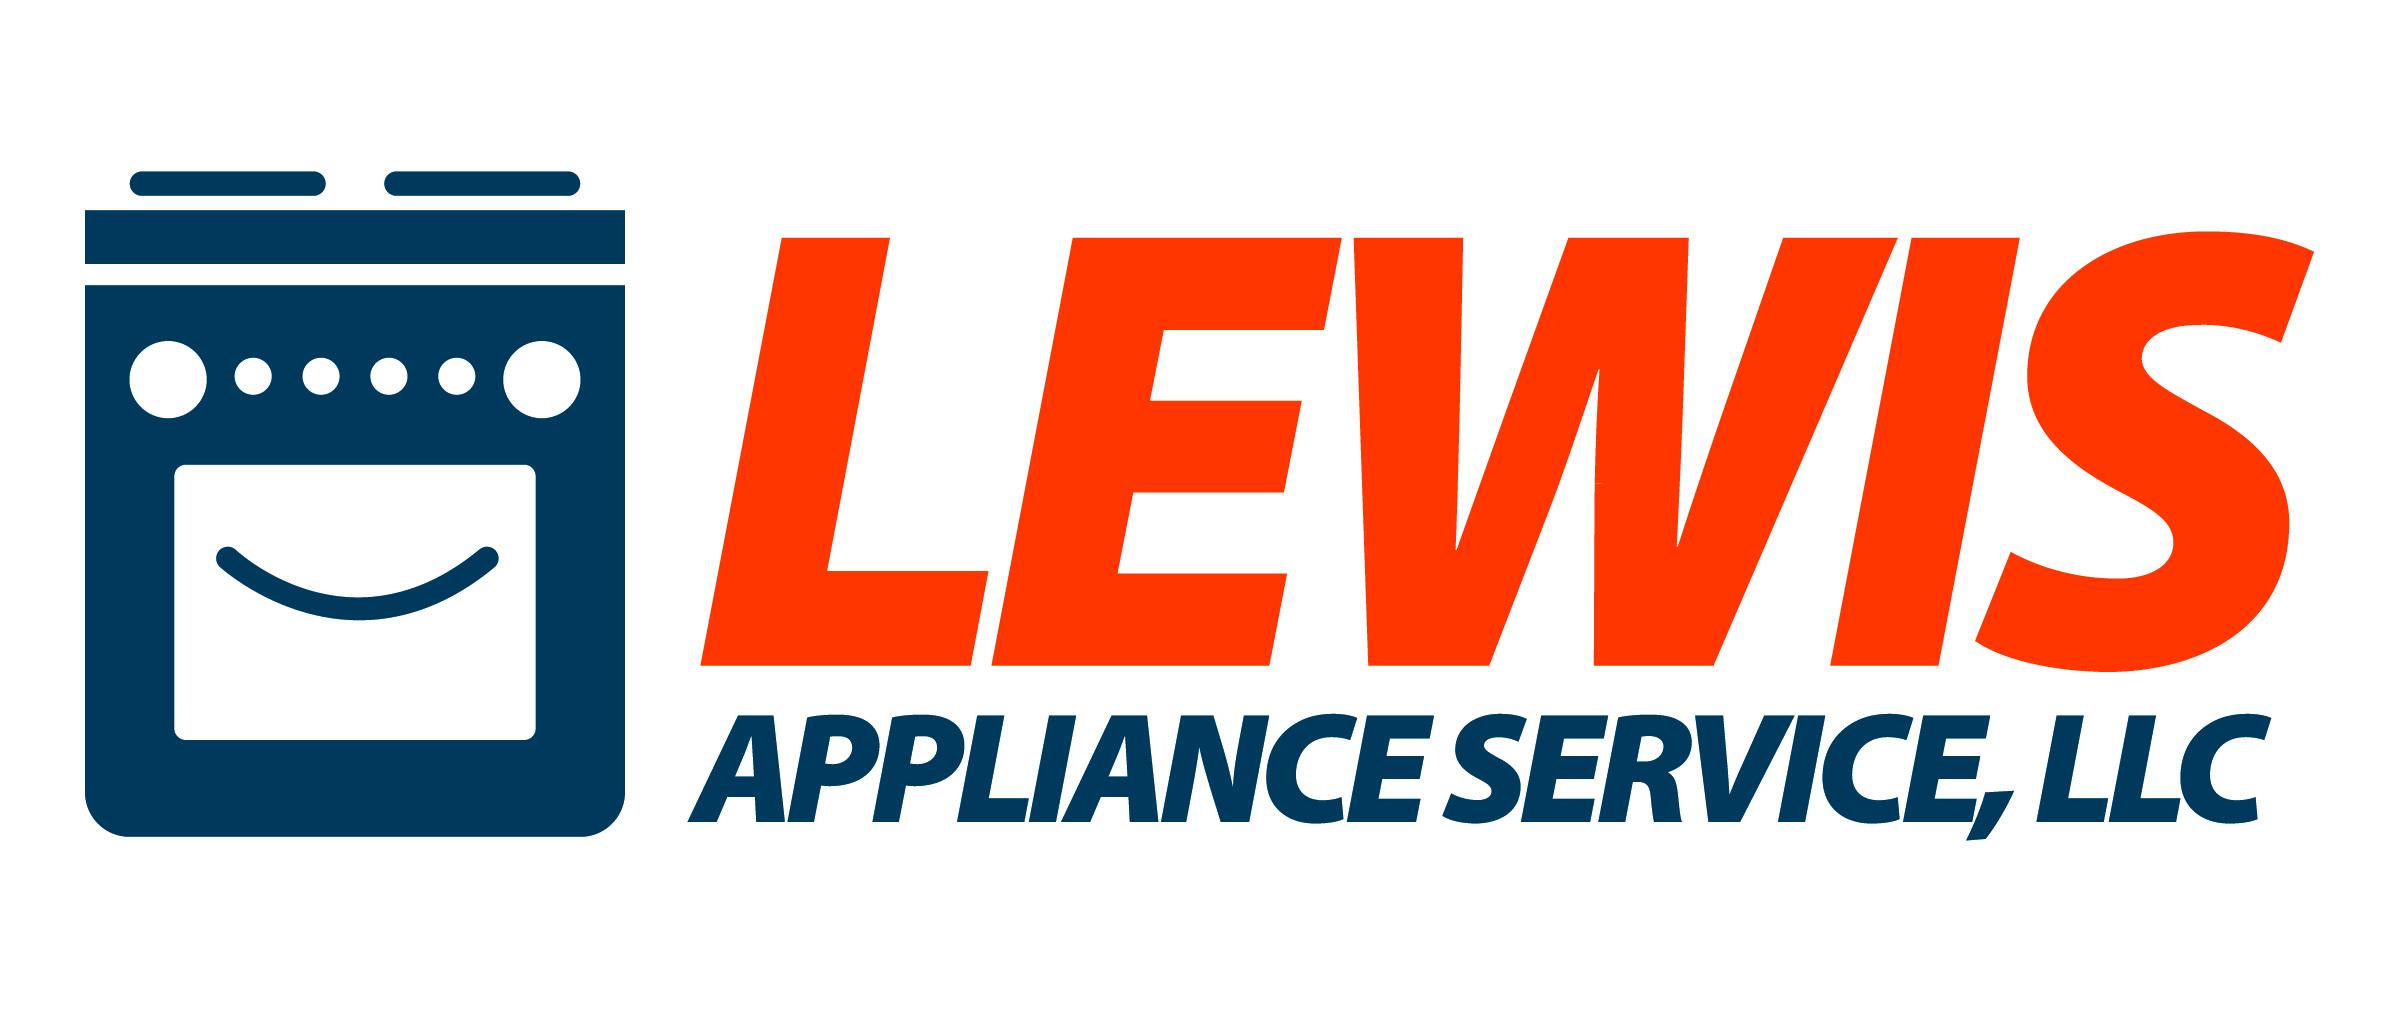 Appliance Repair in Warren, PA, Jamestown, NY, Lakewood, NY, Ashville, NY, Bemus Point, NY, Mayville, NY, Fredonia, NY, Dunkirk, NY, Kane, PA,Corry, PA, and everywhere in between.